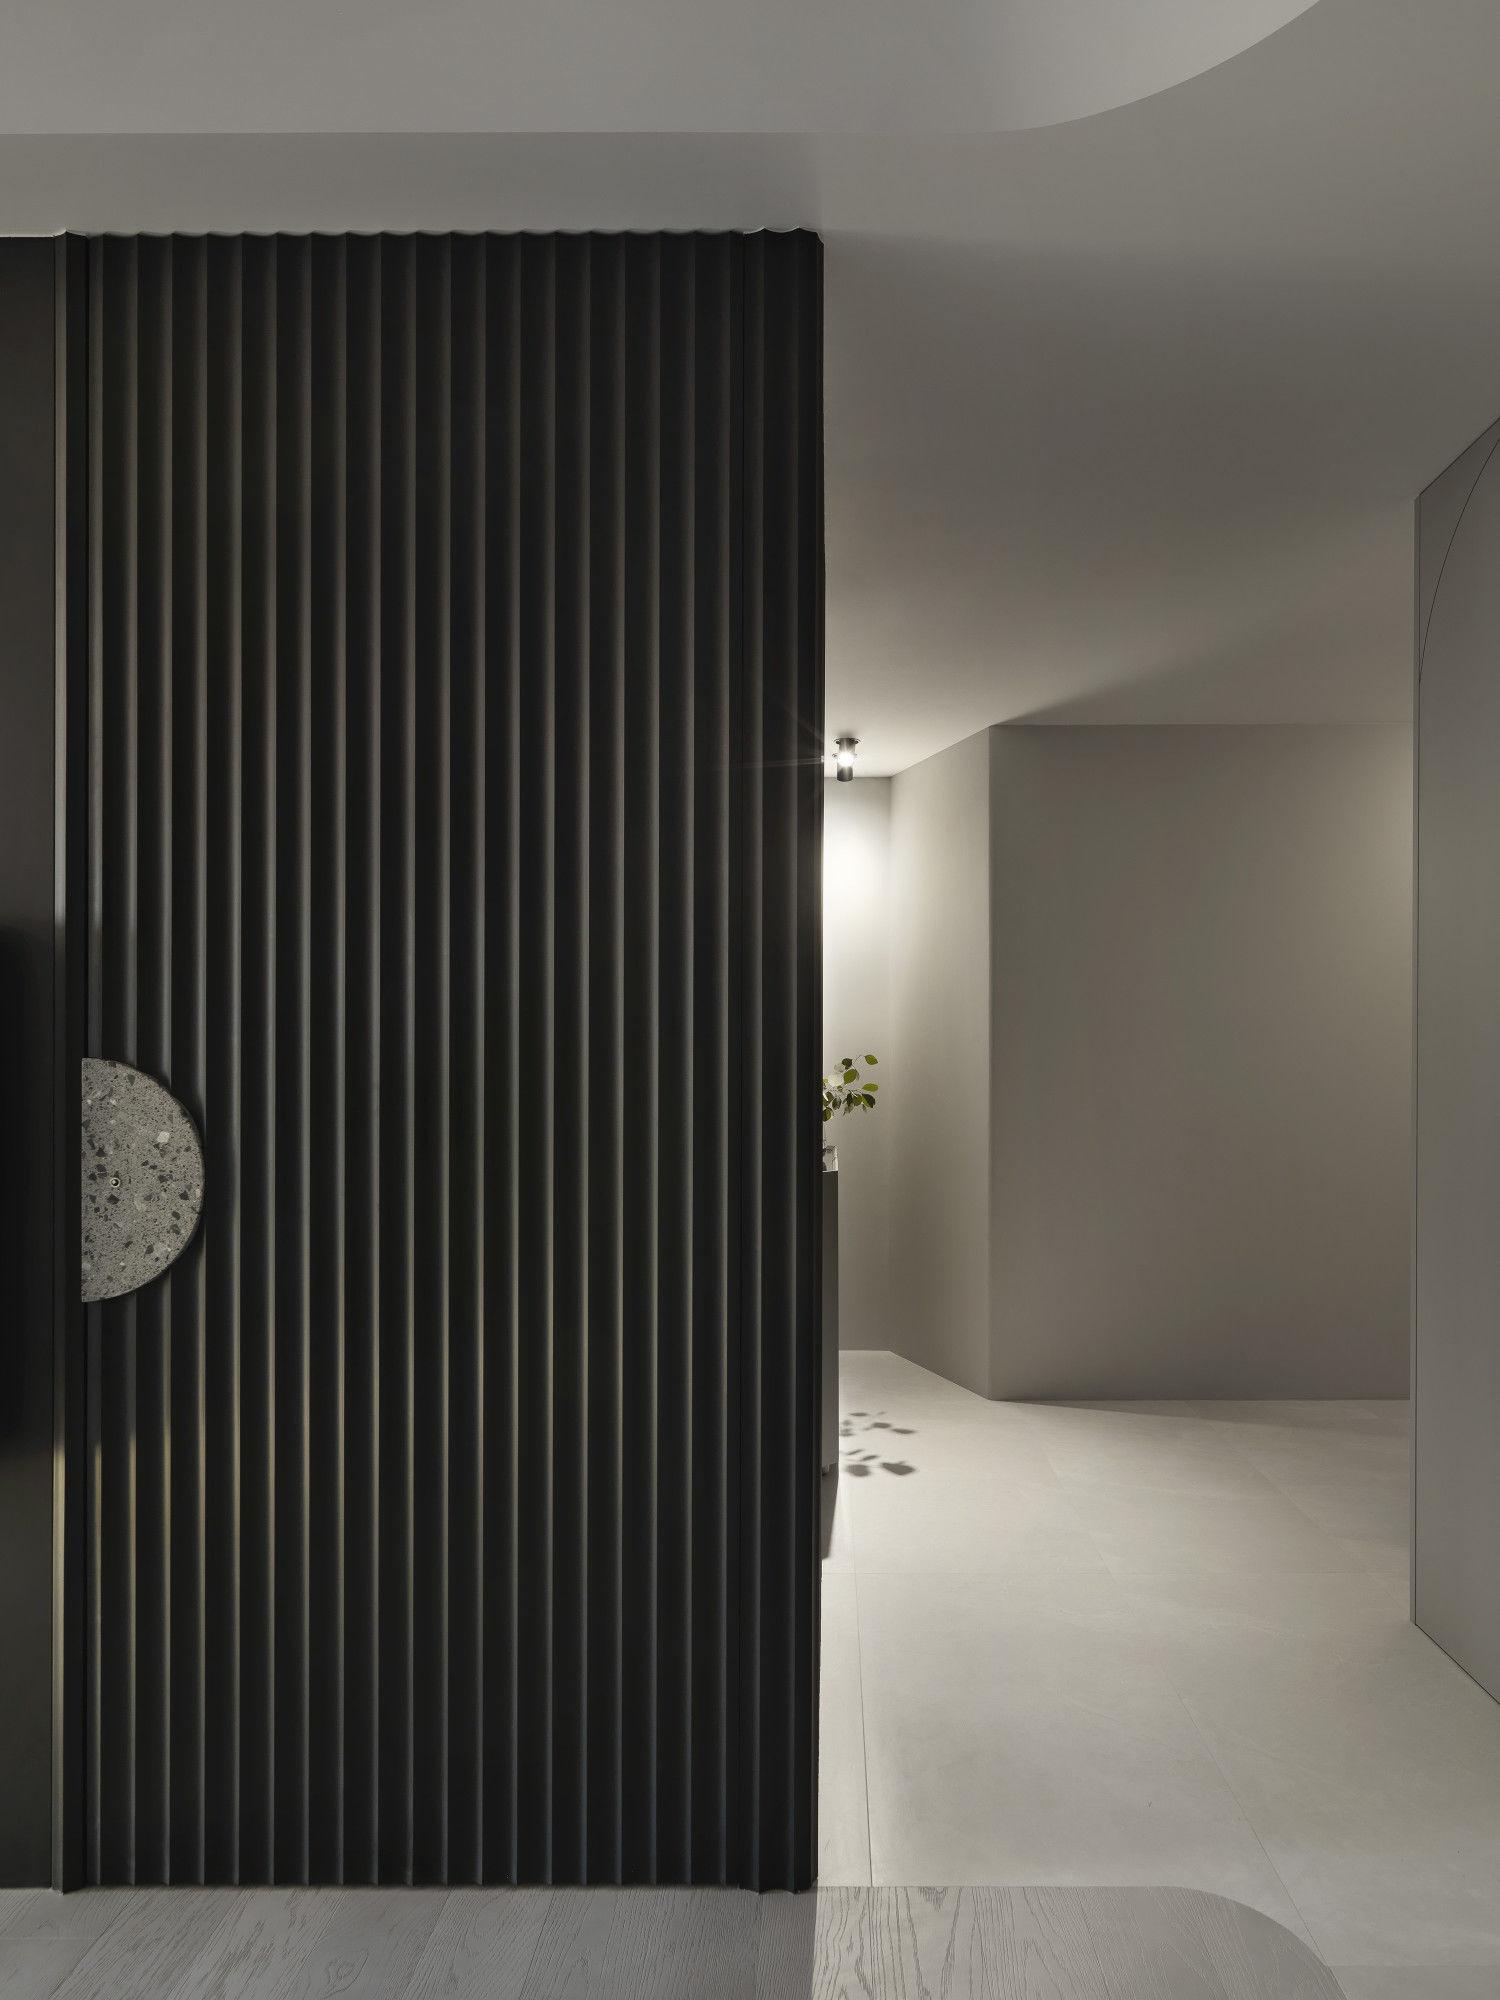 台中分子設計-現代風設計師-台中七期室內設計-電梯大樓整體規劃-客廳電視牆、隱藏門片